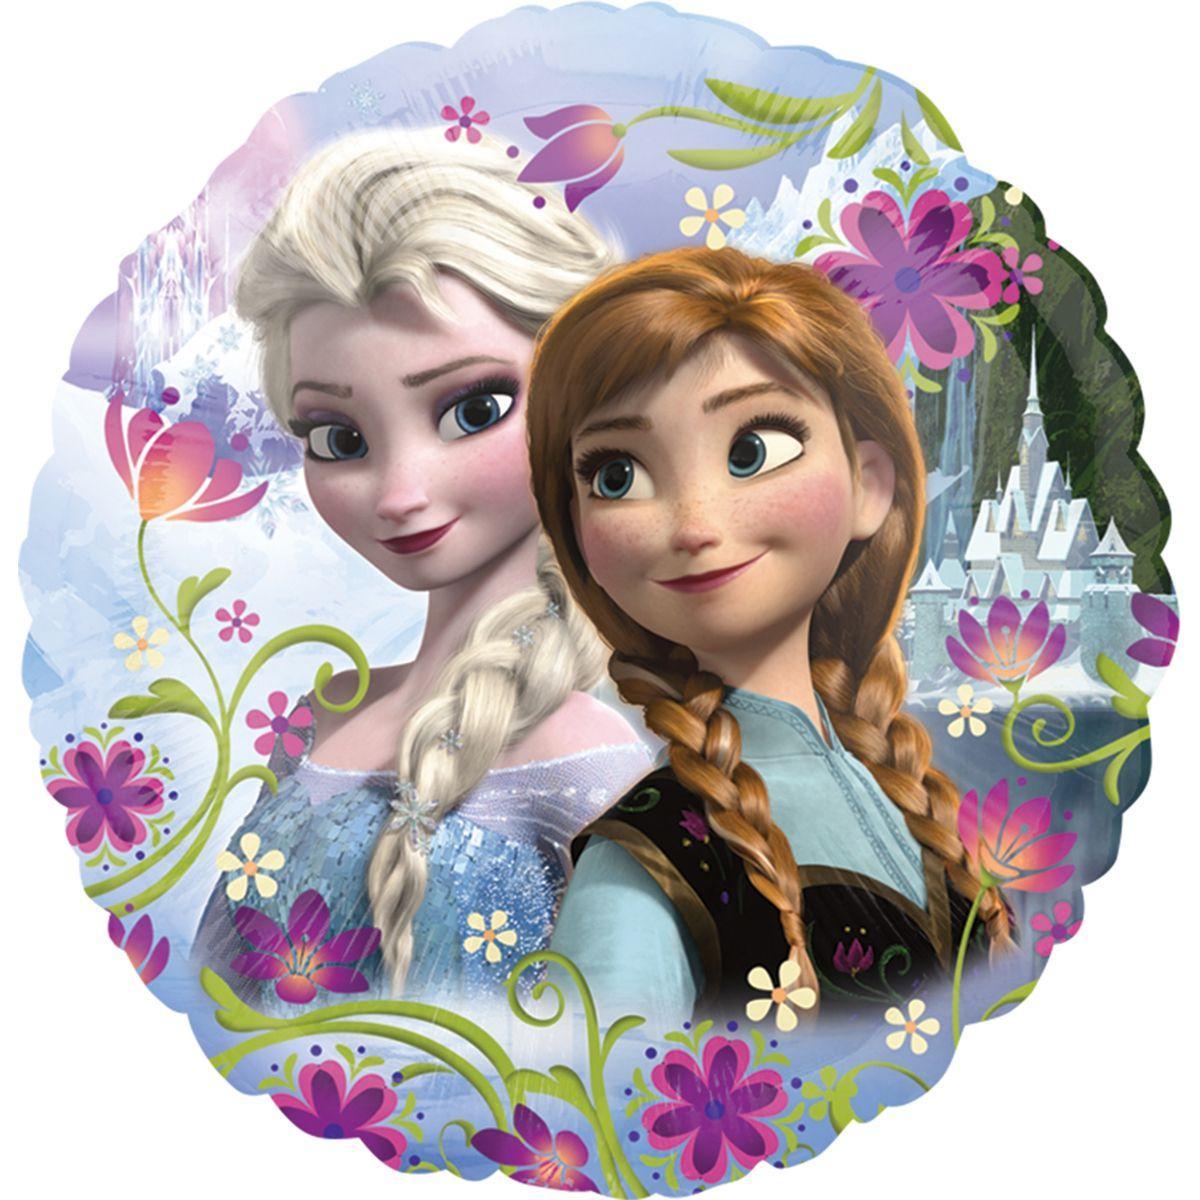 """Кулька 18"""" круг фольгована """"Принцеса Ельза, холодне серце, фроузен"""" малюнок УП шт."""